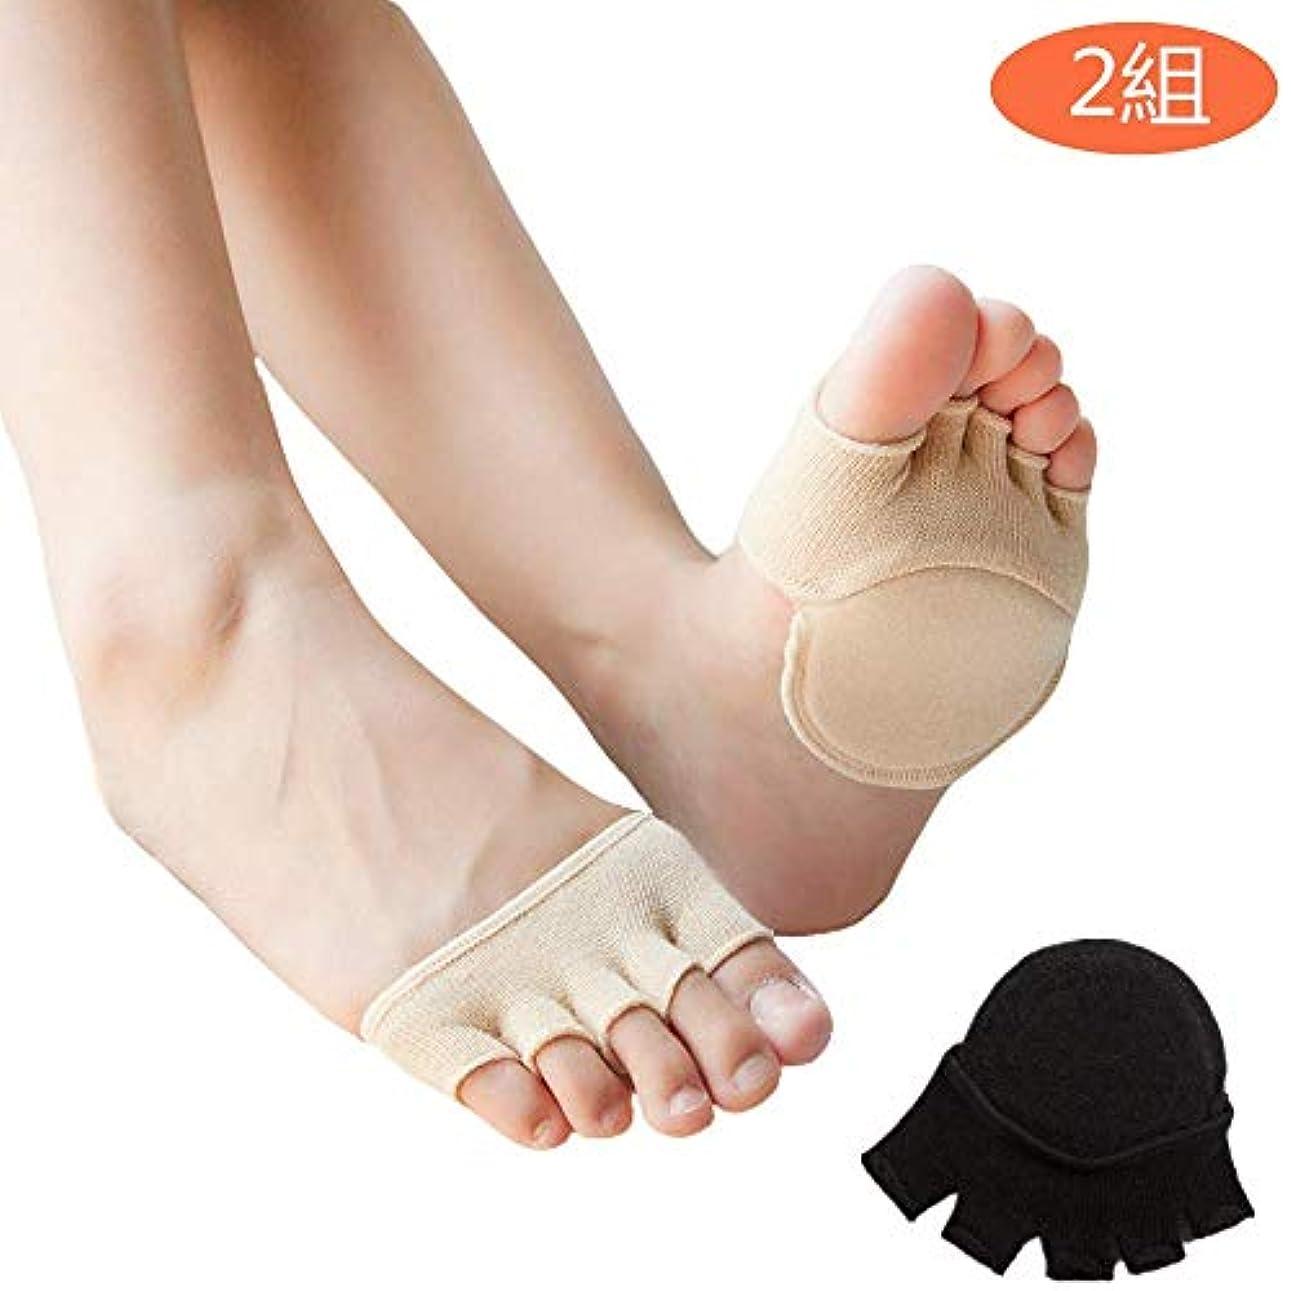 良性削減ロンドンつま先 5本指 足底クッション付き 前足サポーター 足の臭い対策 フットカバー ヨガ用靴下 浅い靴下半分つま先 夏 超薄型 (2組)